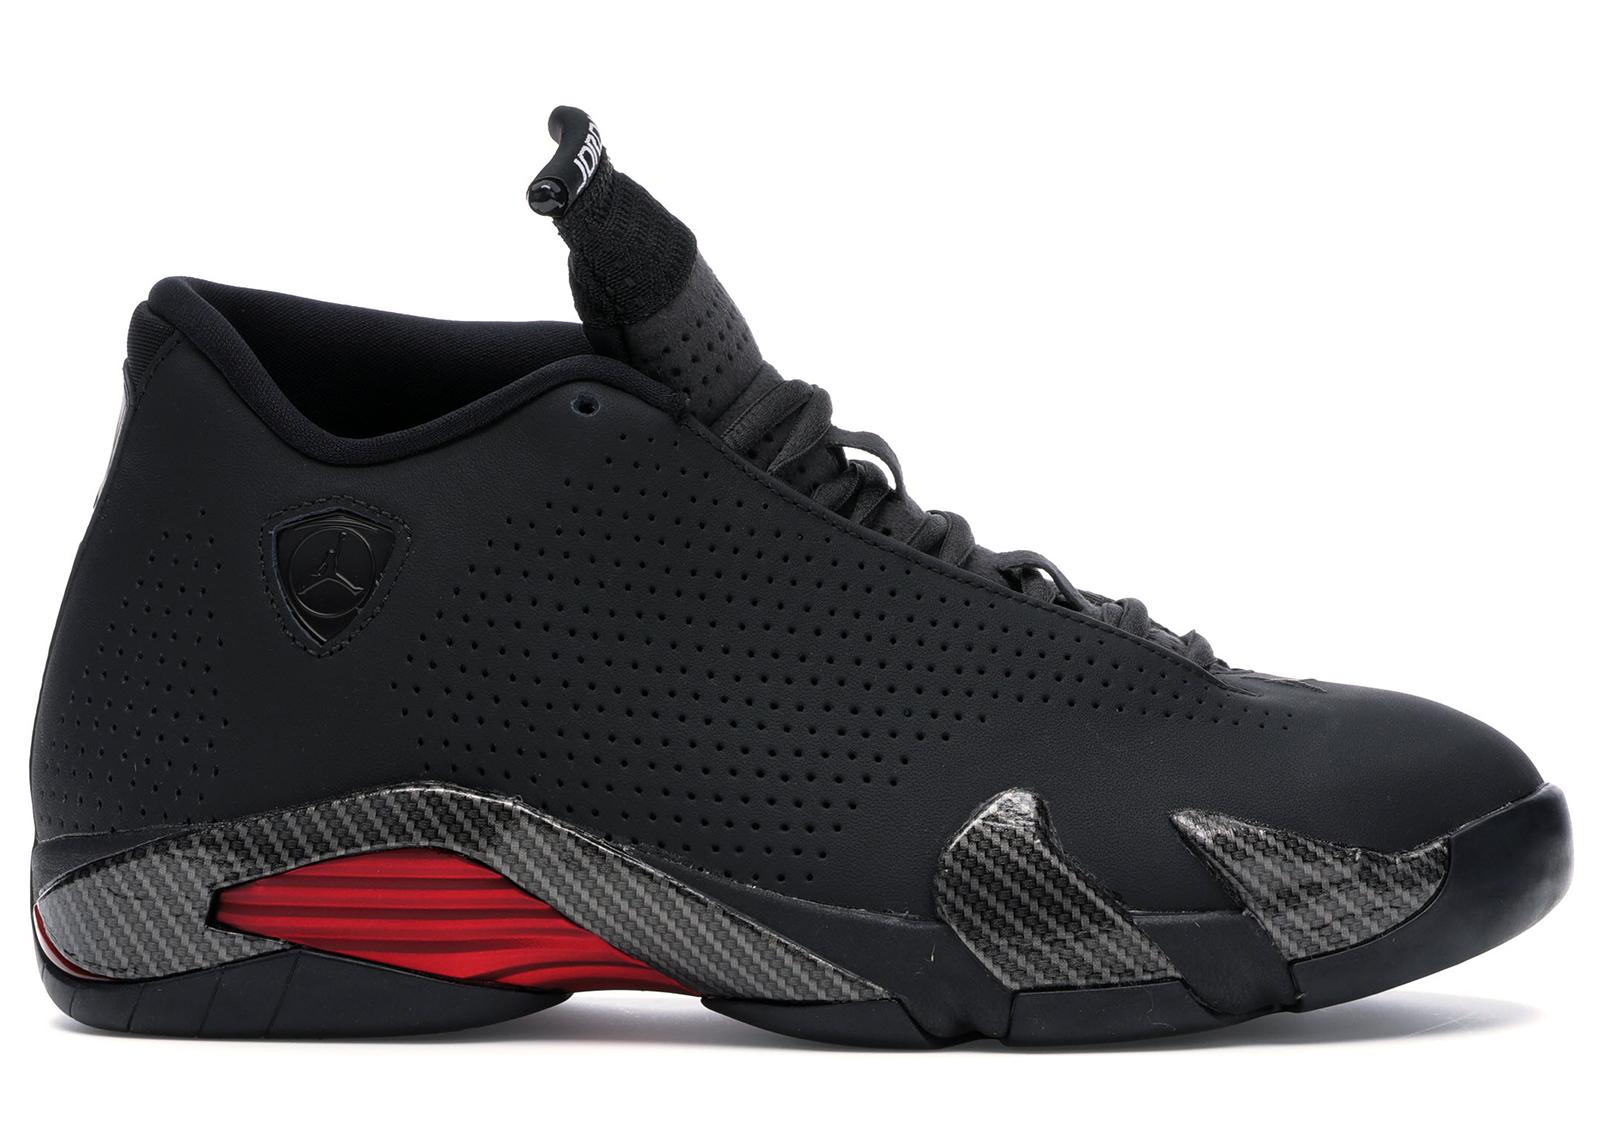 Jordan 14 Retro SE Black Anthracite